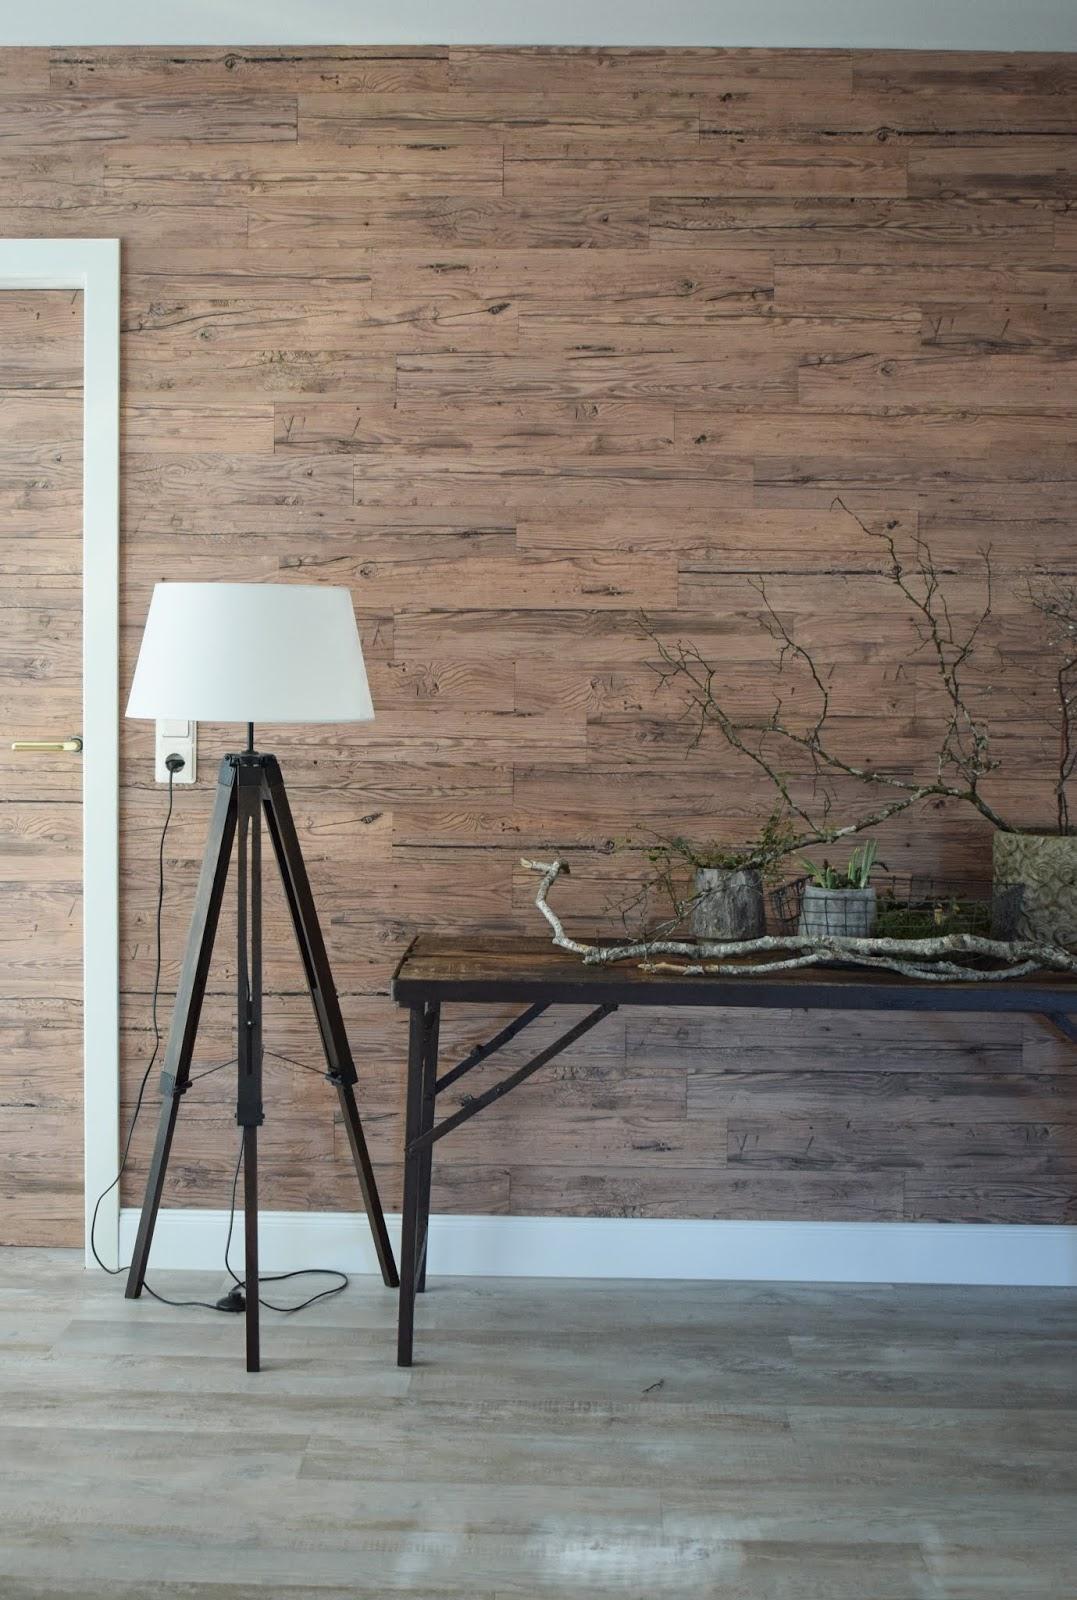 Holzverkleidung für die Wand mit Wandwood Paneele einfach kleben. Holzwand verkleiden und selbermachen. Wandgestaltung für Wohnzimmer aus Holz. Ideen für innen. DIY Verkleidung aus Holz selber anbringen Renovierung r